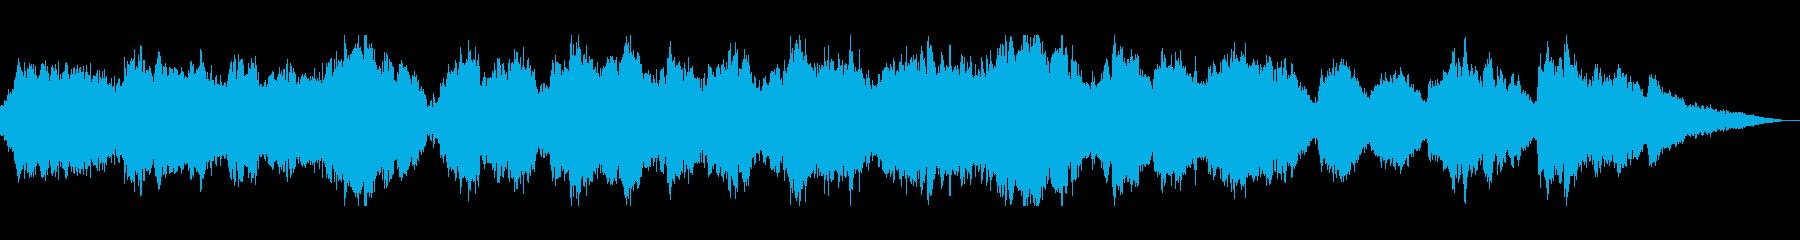 しっとり切ないオーケストラバラードの再生済みの波形